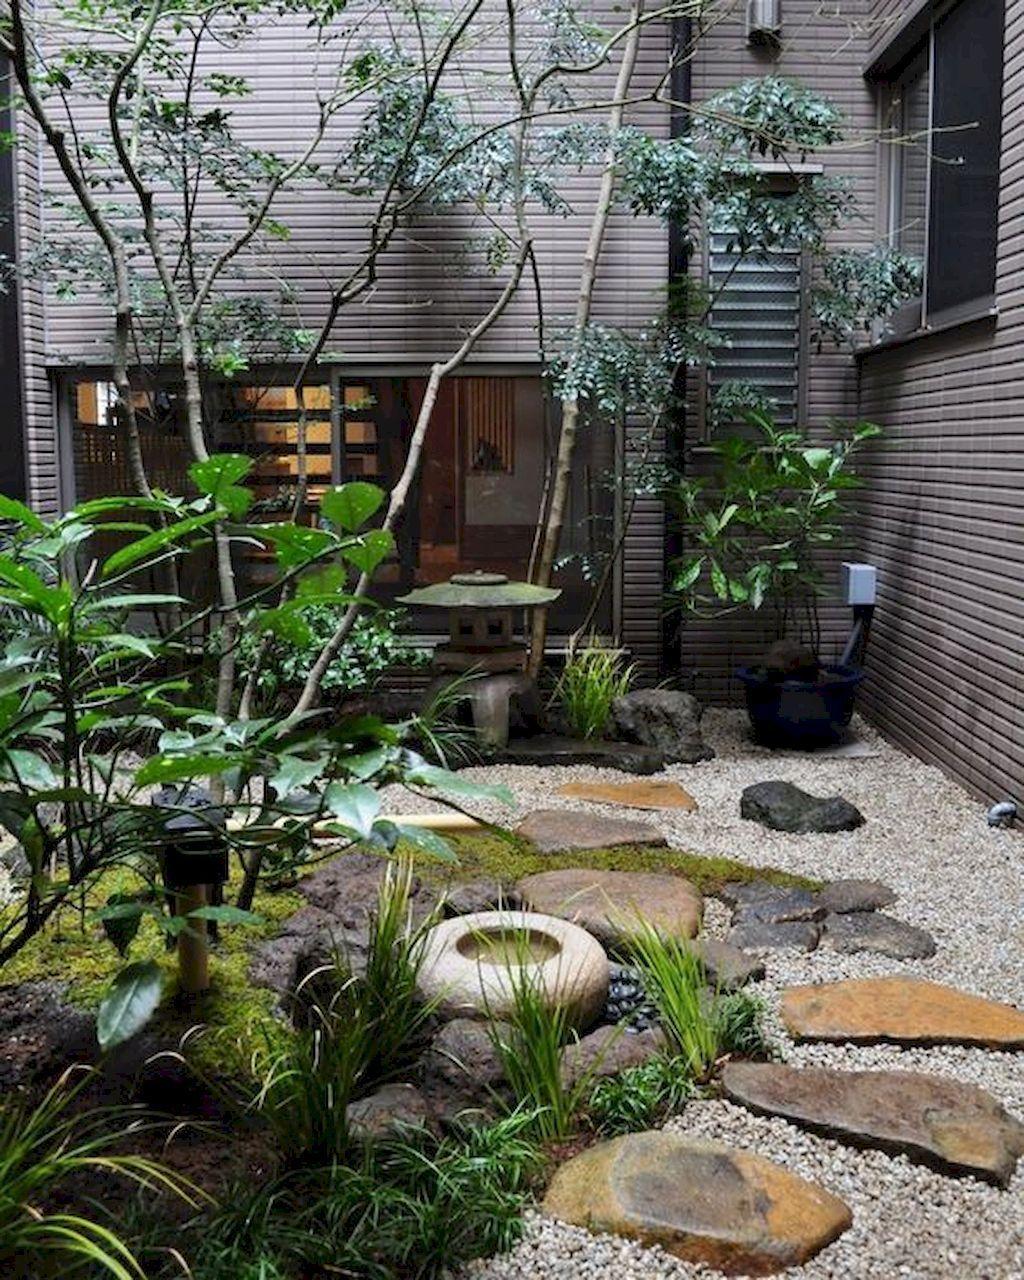 Inspiring Japanese Garden Designs for Small Spaces 45 (con